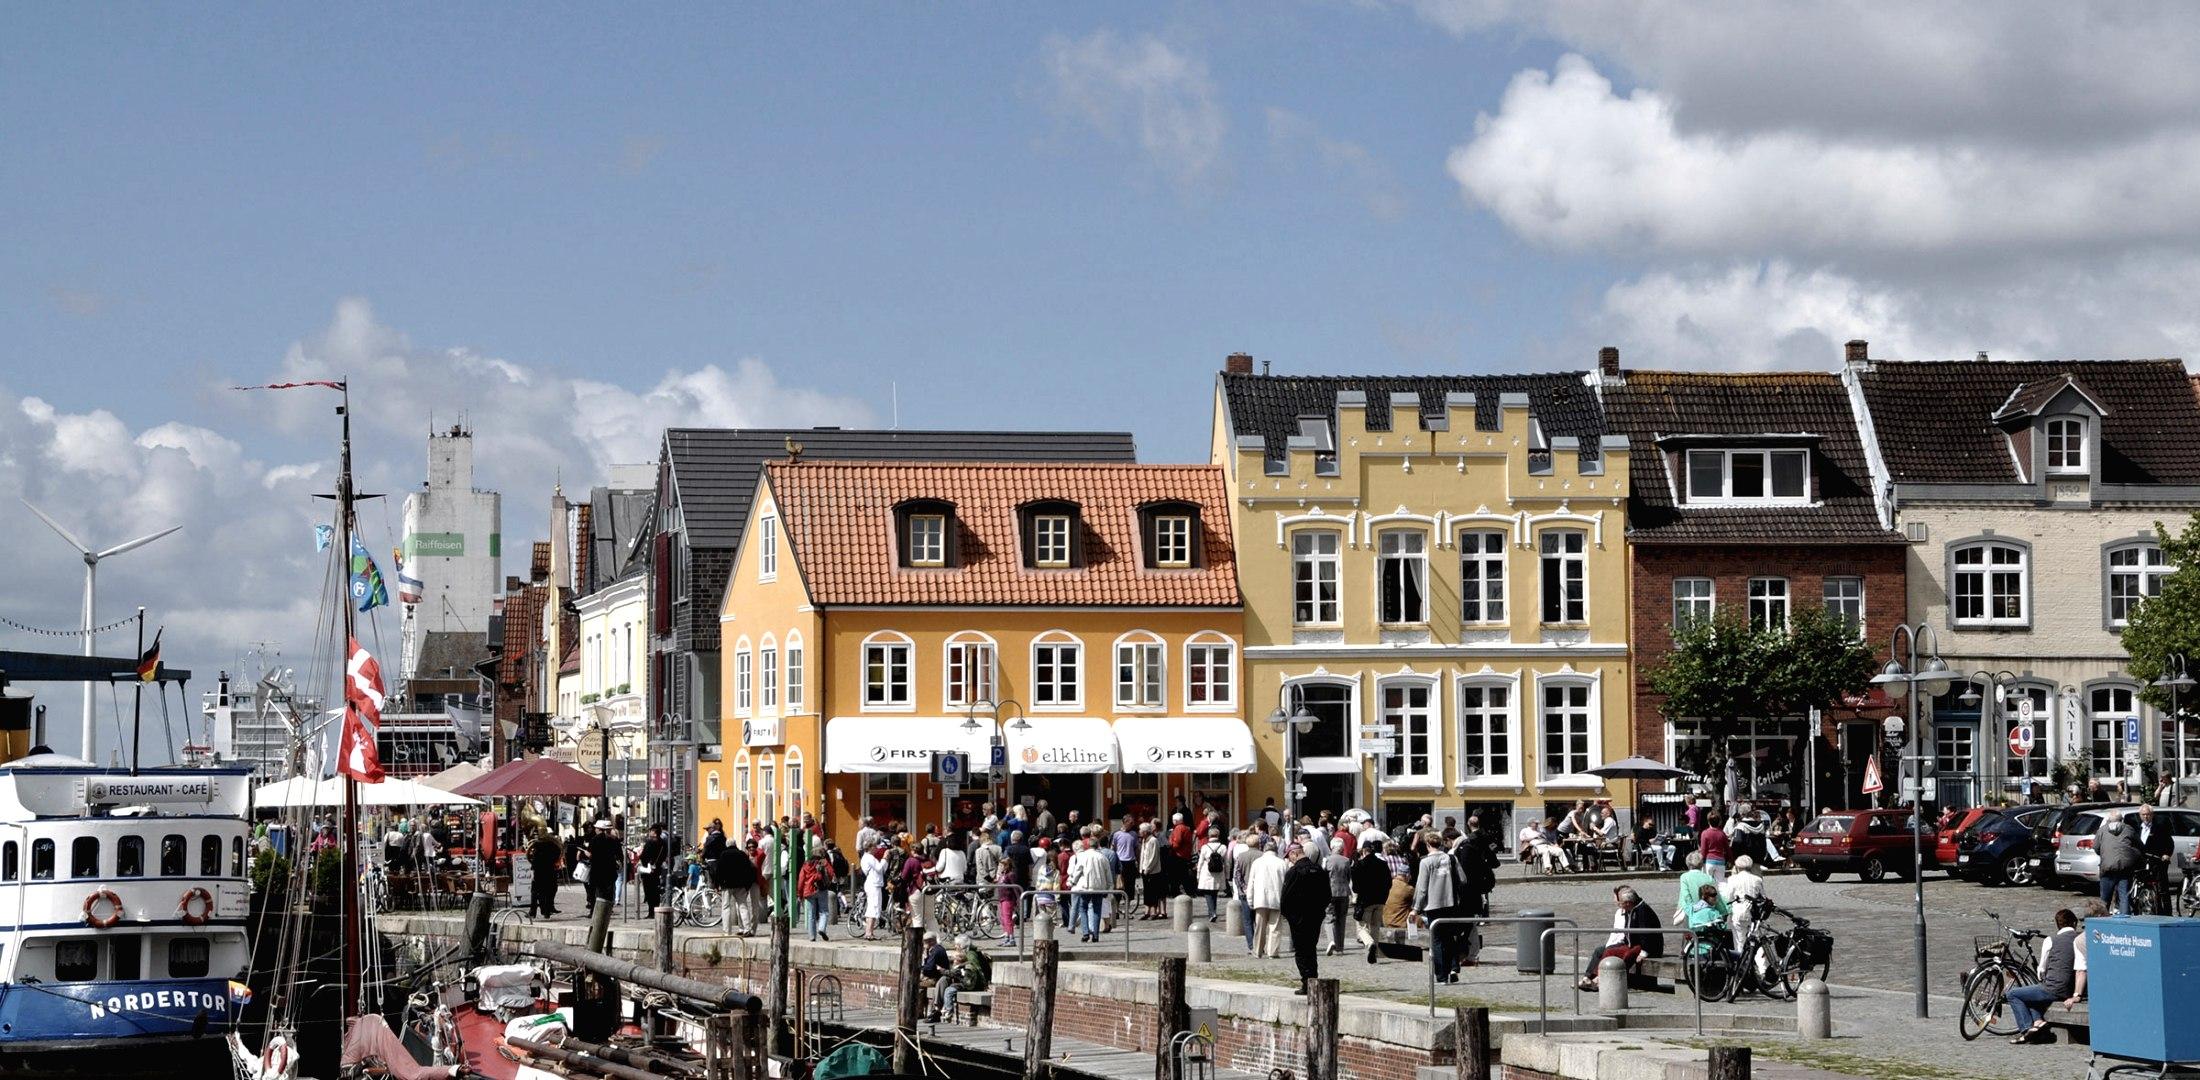 Husum Häuserzeile am Hafen, © Shutterstock